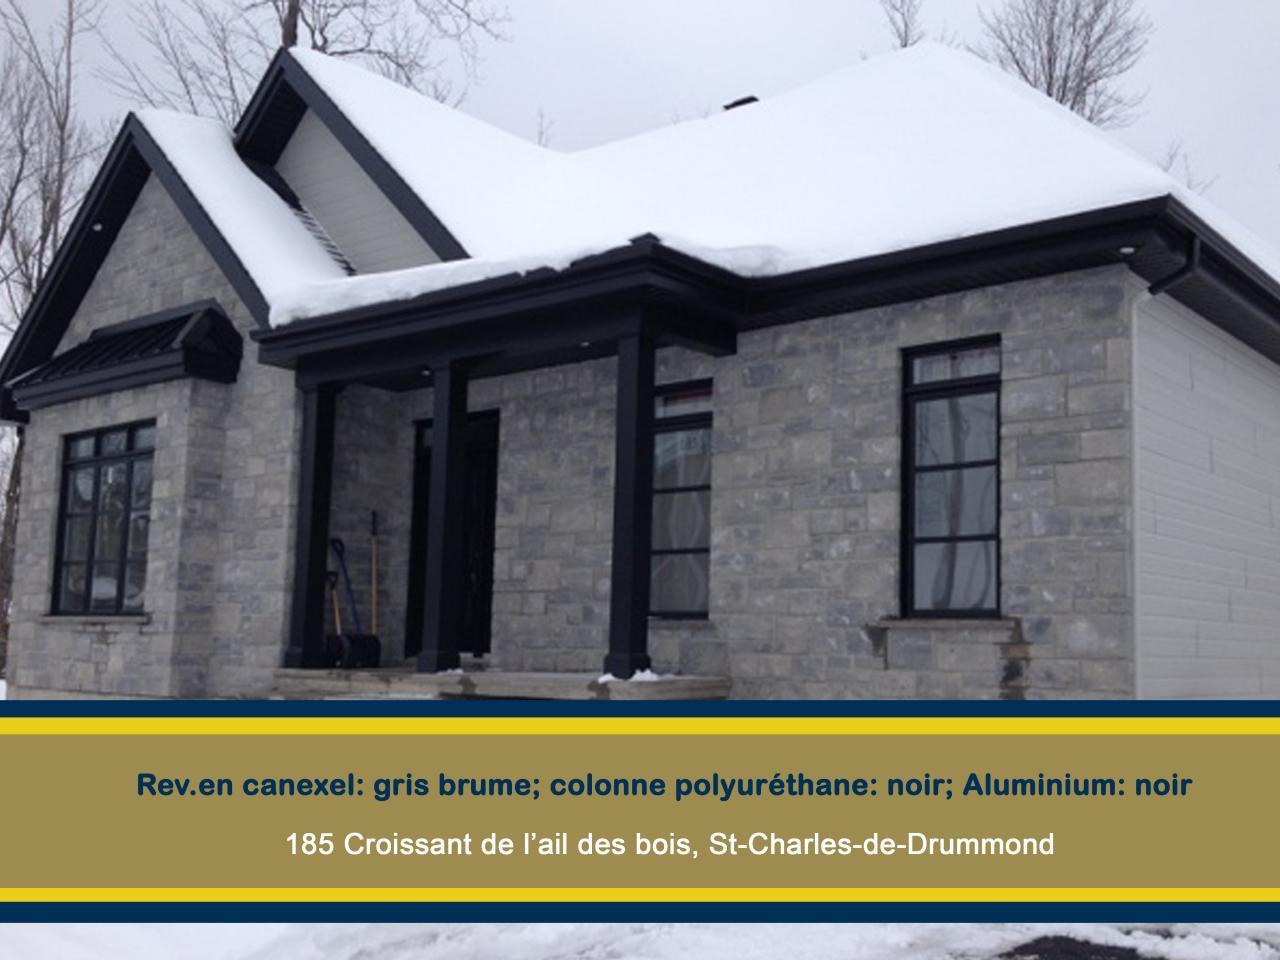 185 Croissant ail-des-bois, St-Charles-de-Drummond